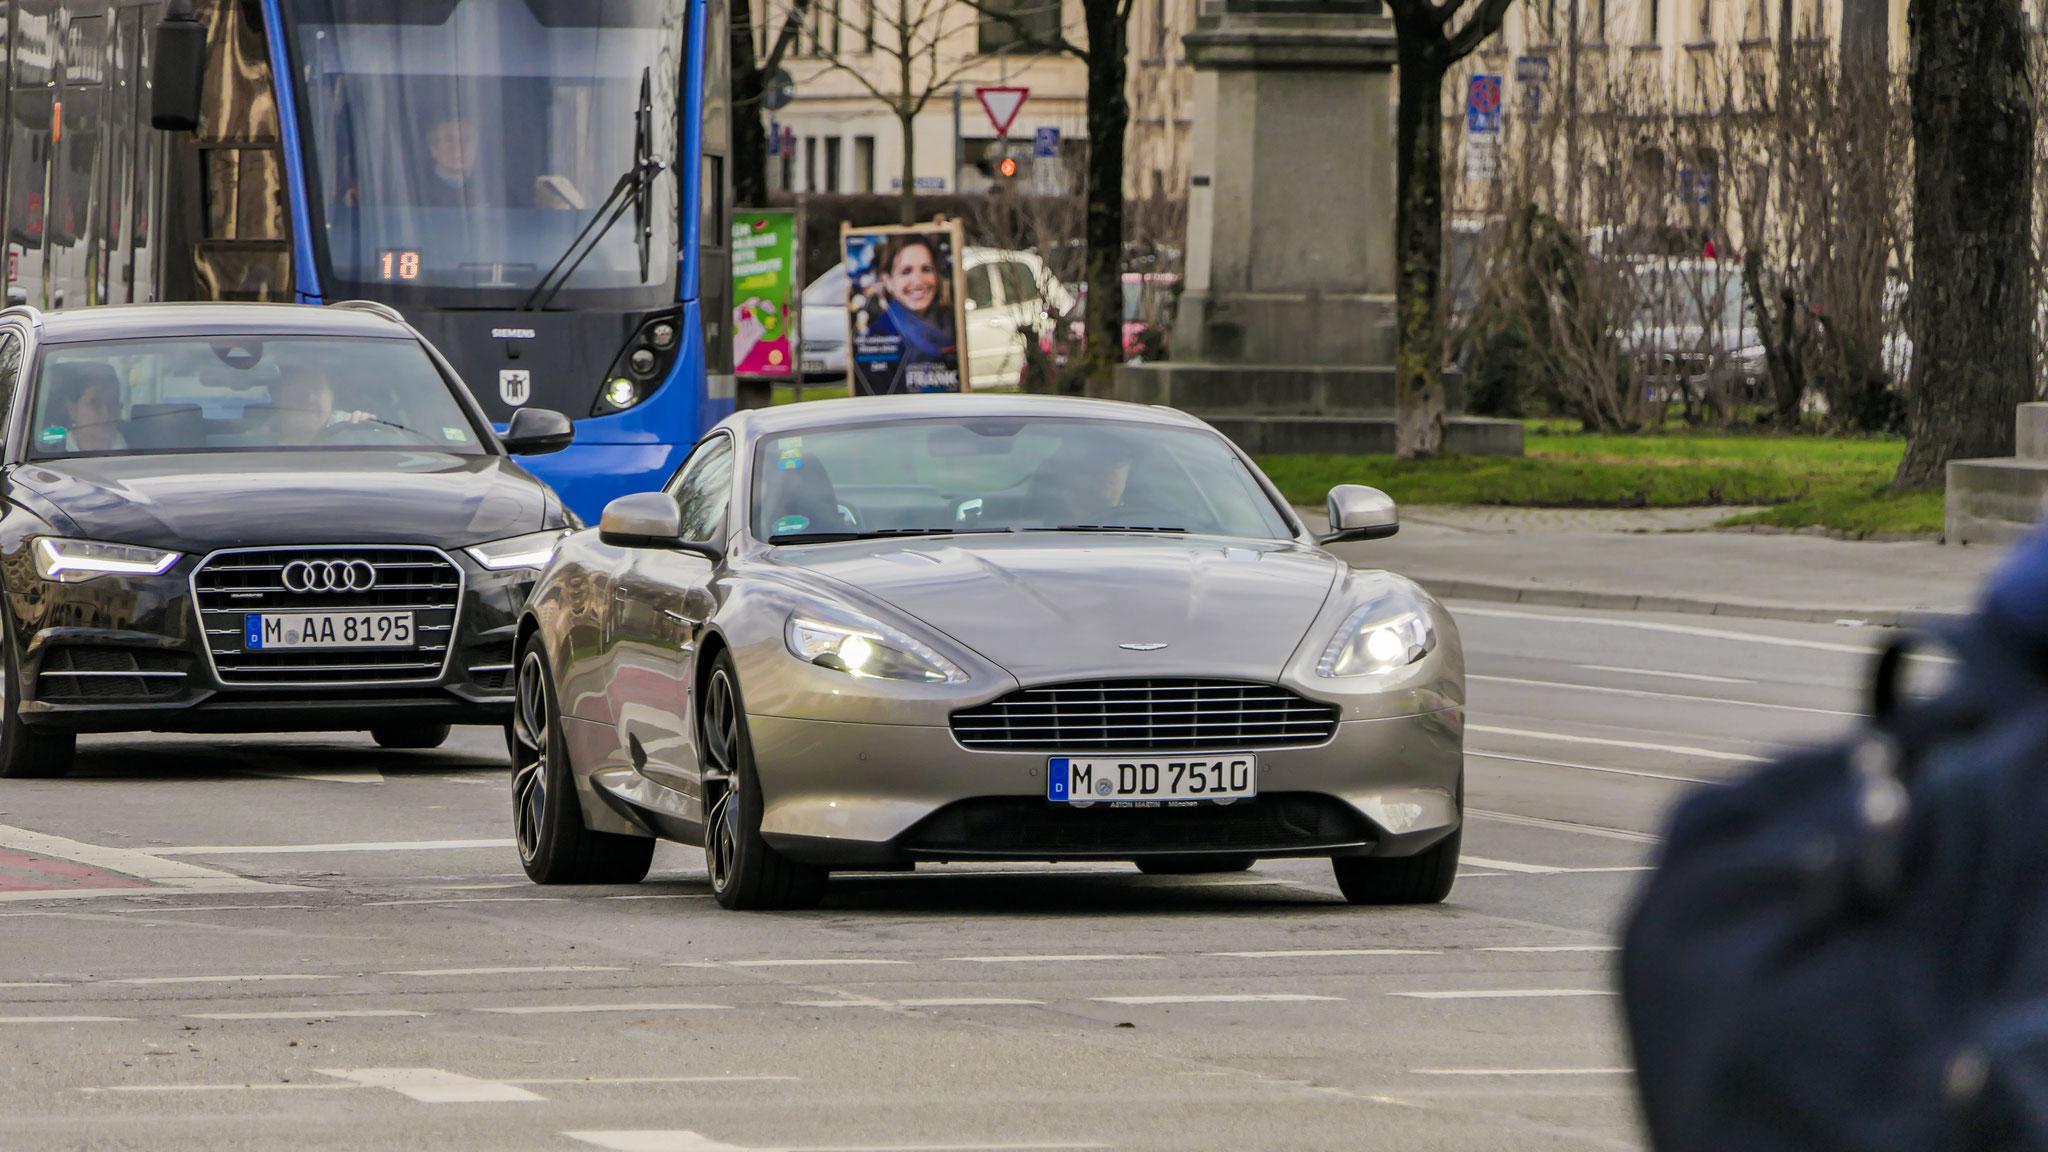 Aston Martin Vanquish - M-DD-7510